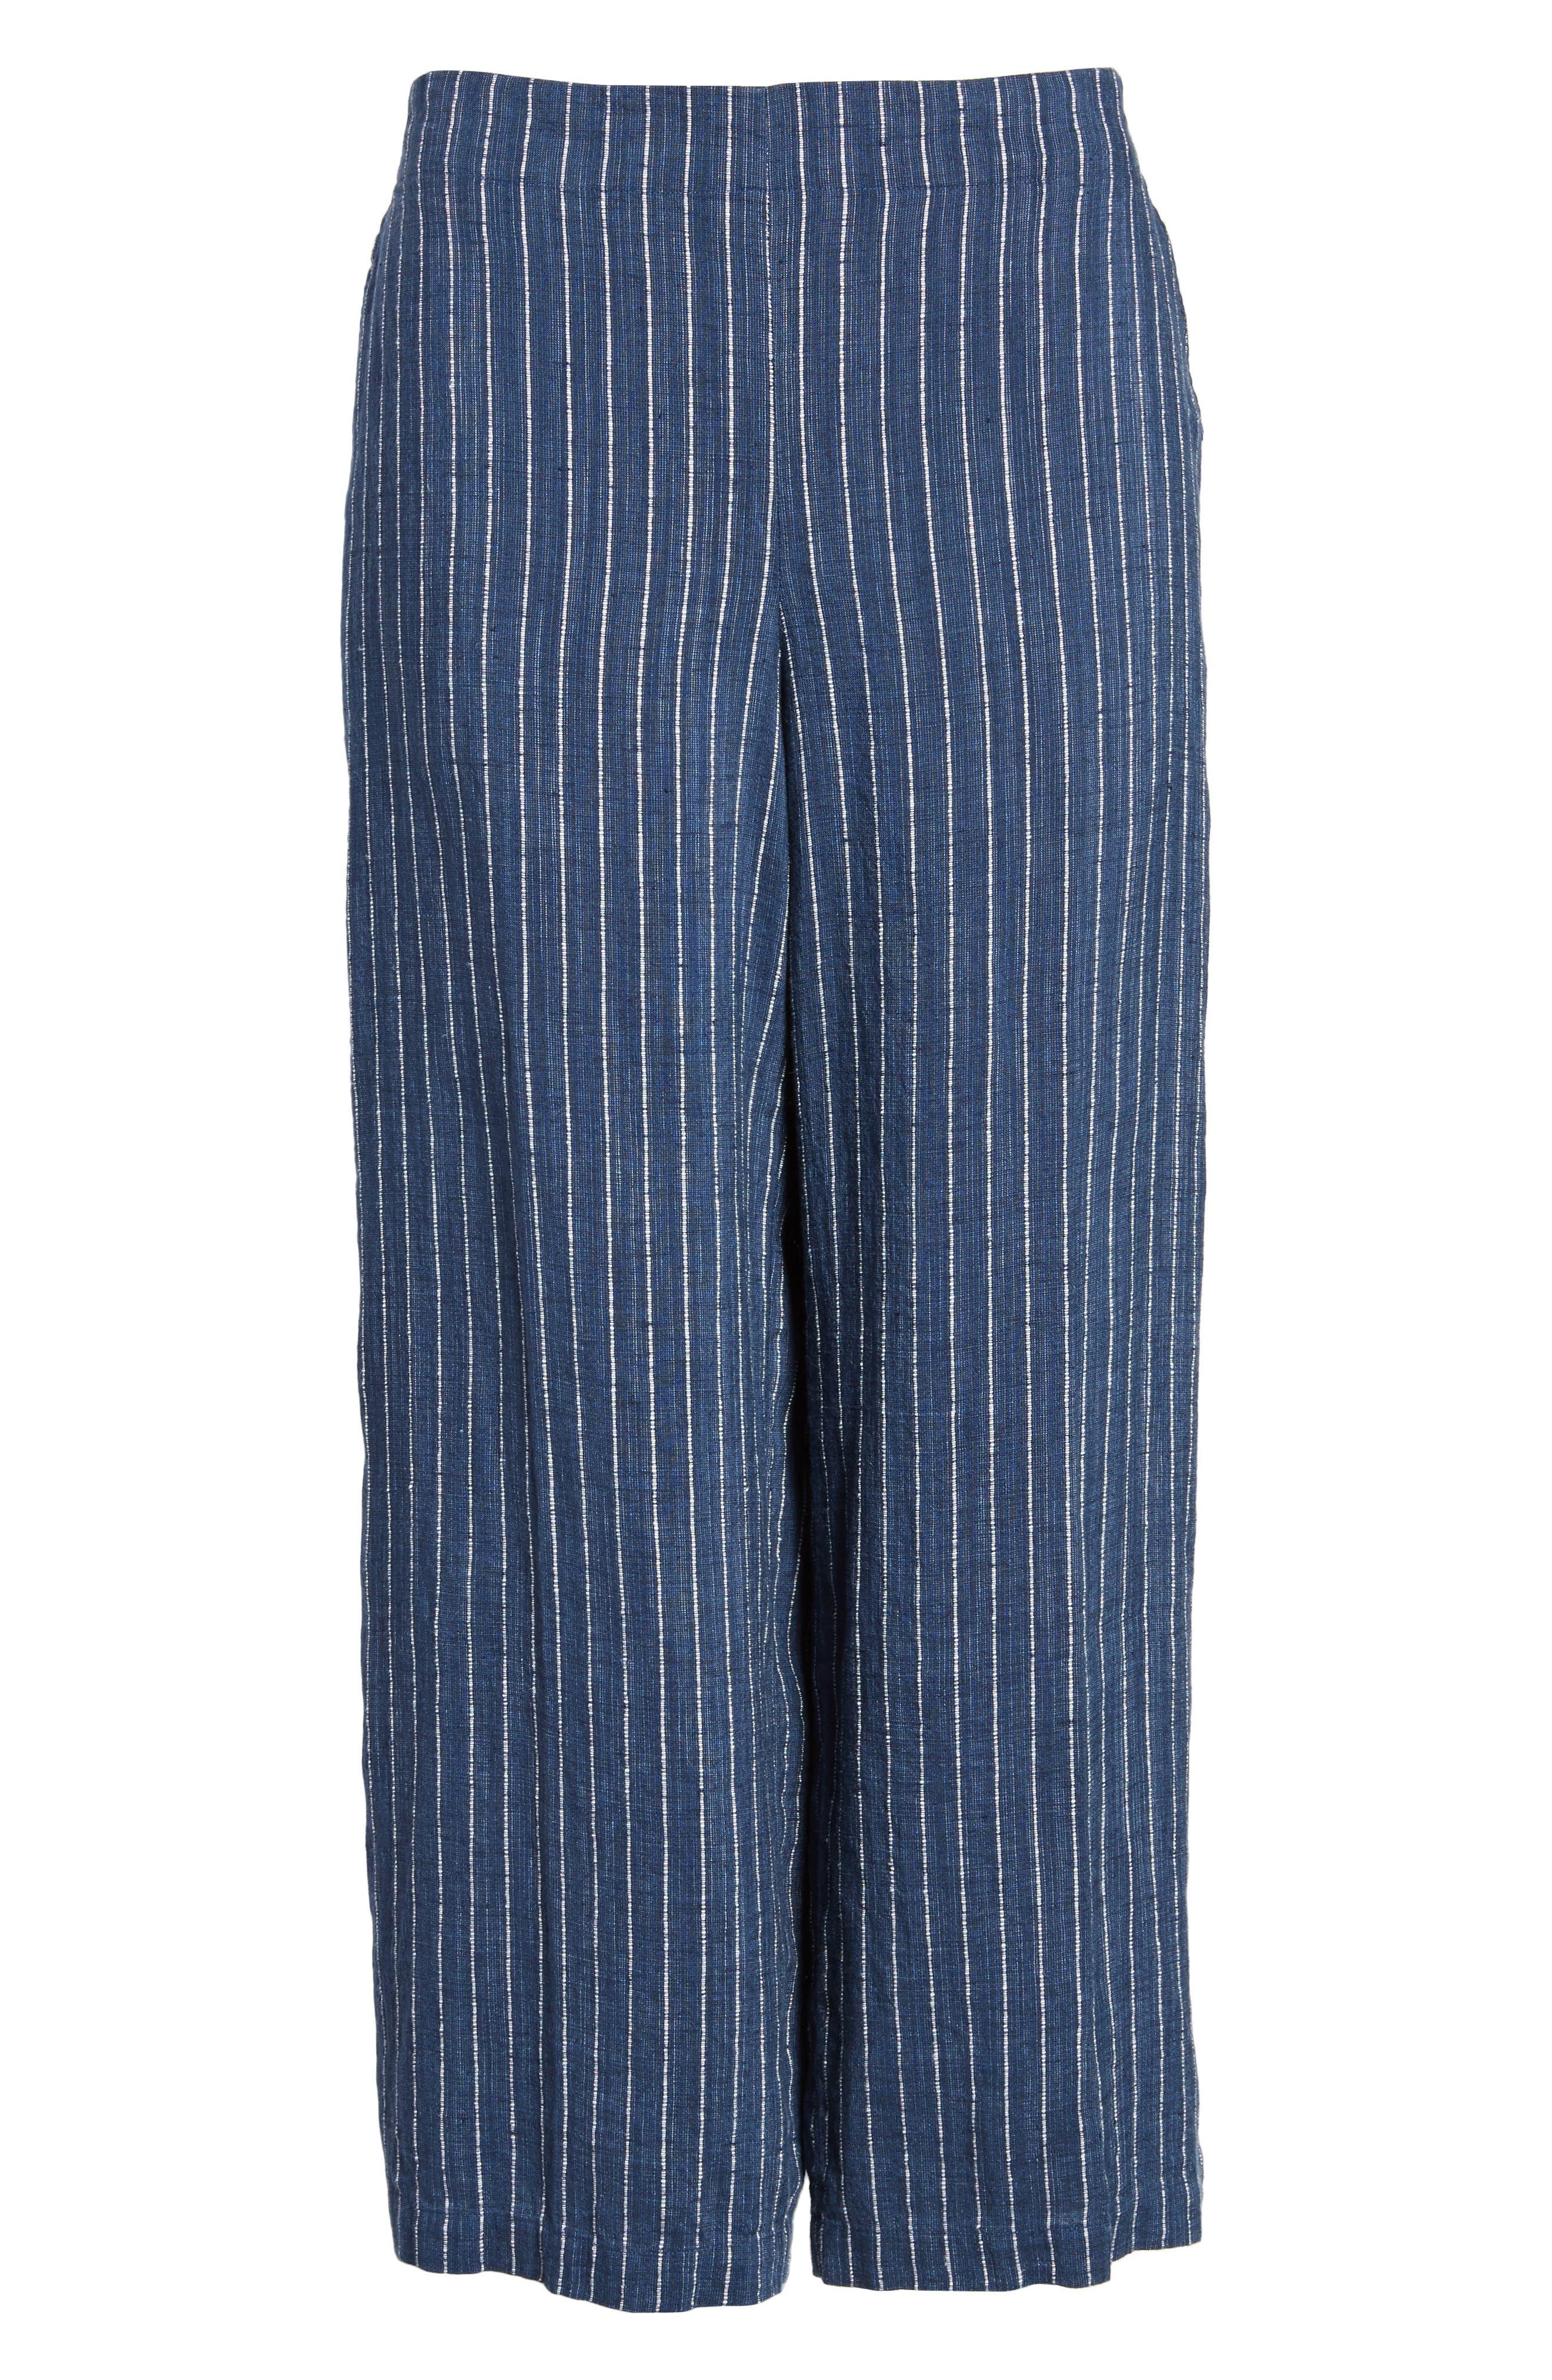 Stripe Linen Crop Pants,                             Alternate thumbnail 7, color,                             480